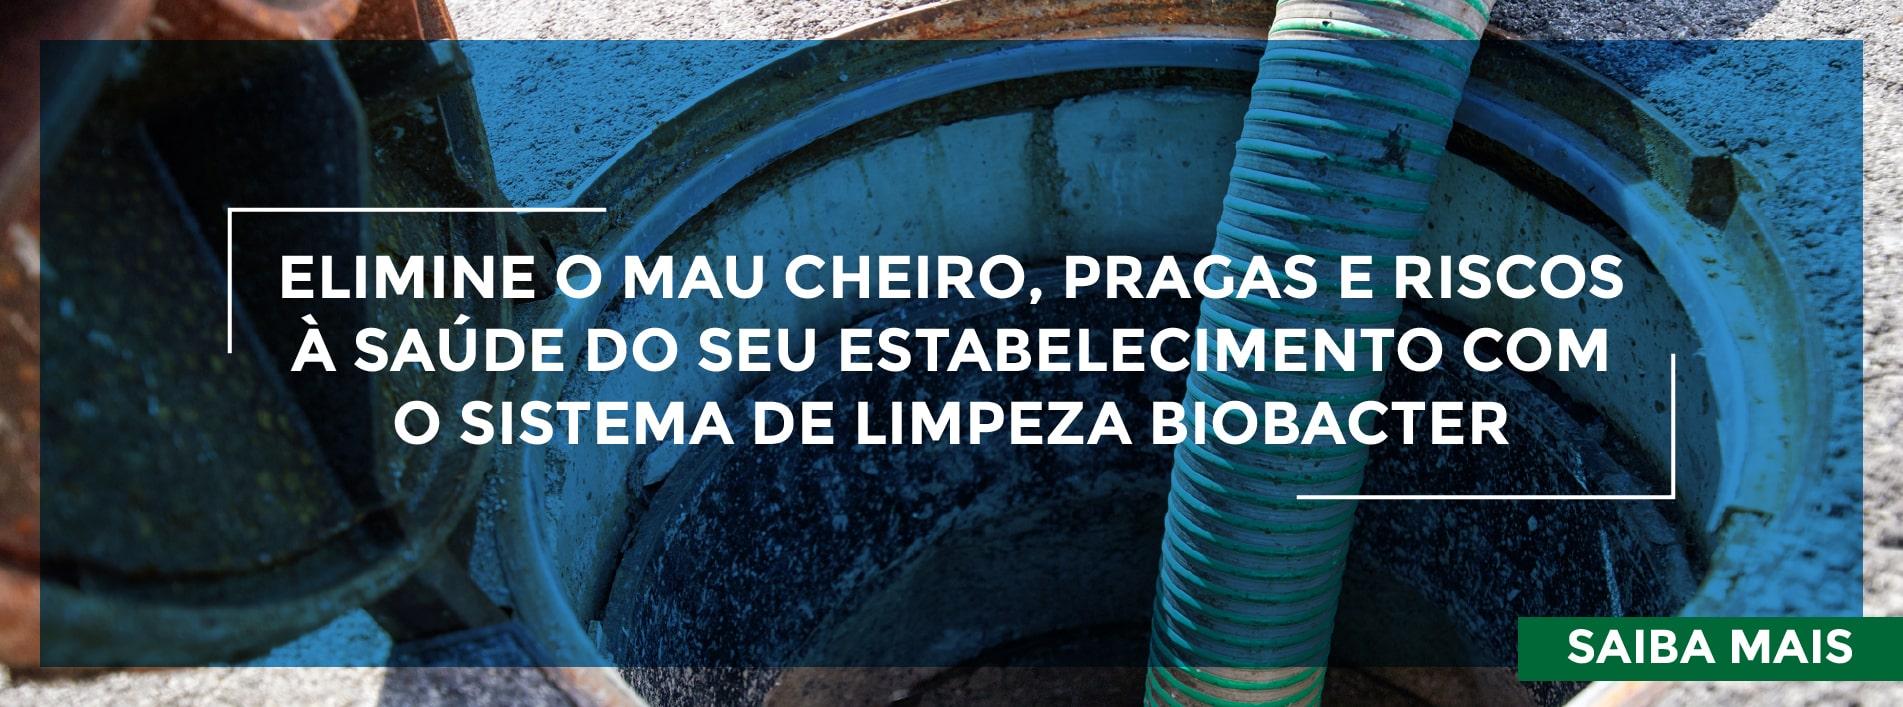 bio-bacter_banner-site_01